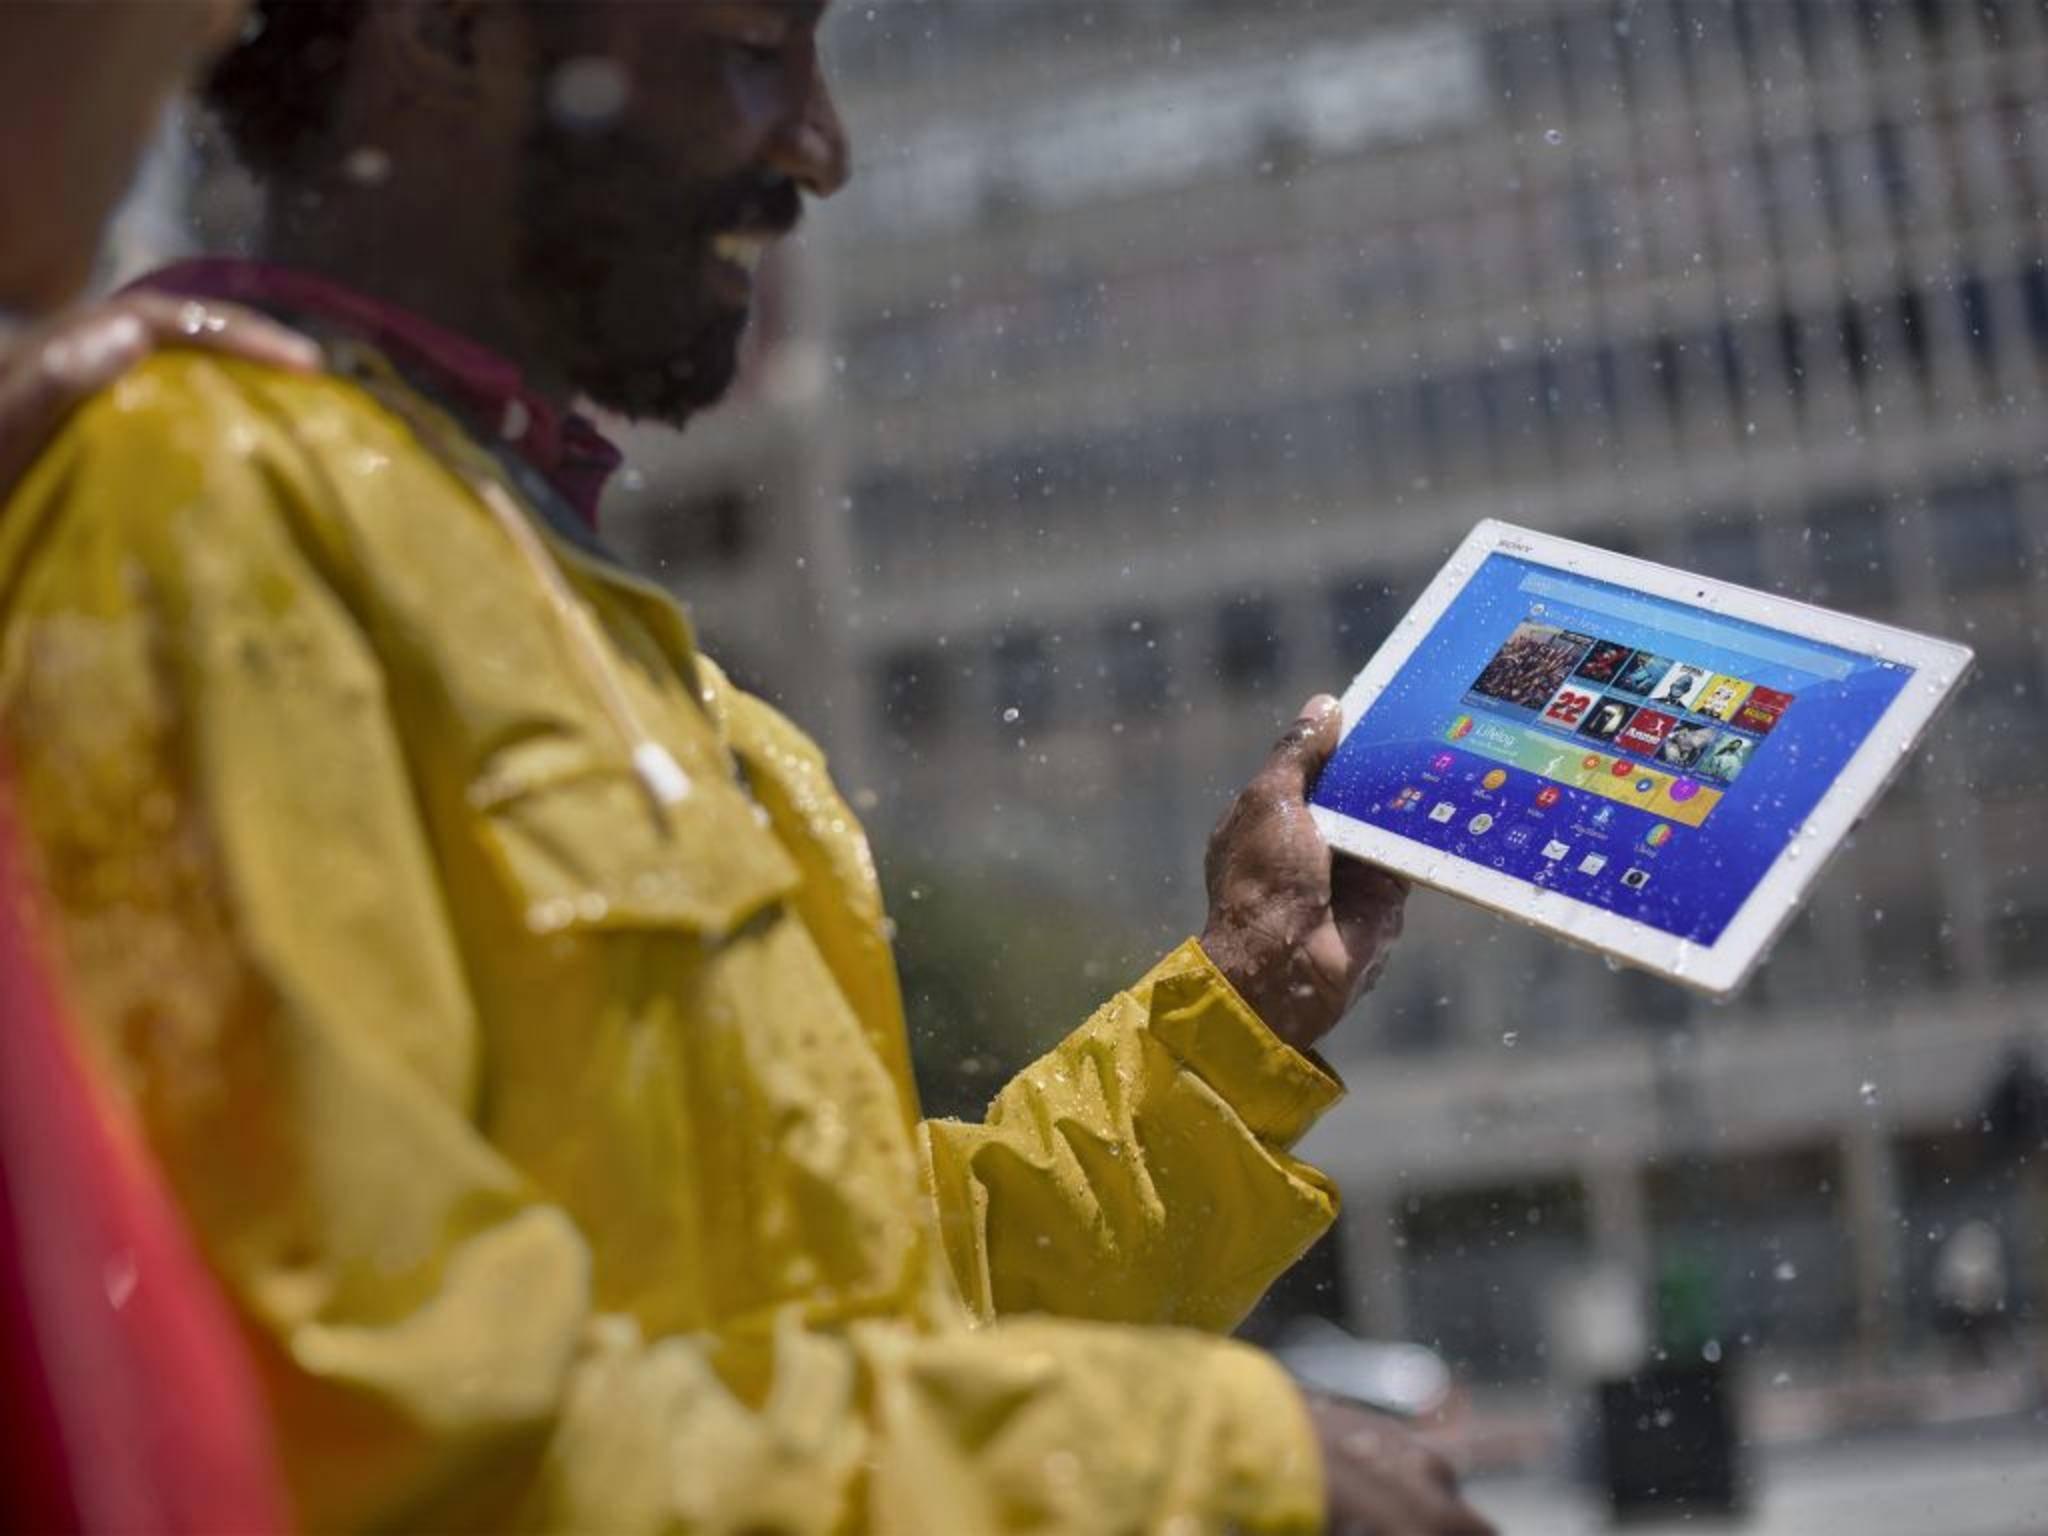 Das Sony Xperia Z4 Tablet übersteht einen Regenschauer ohne Schaden.